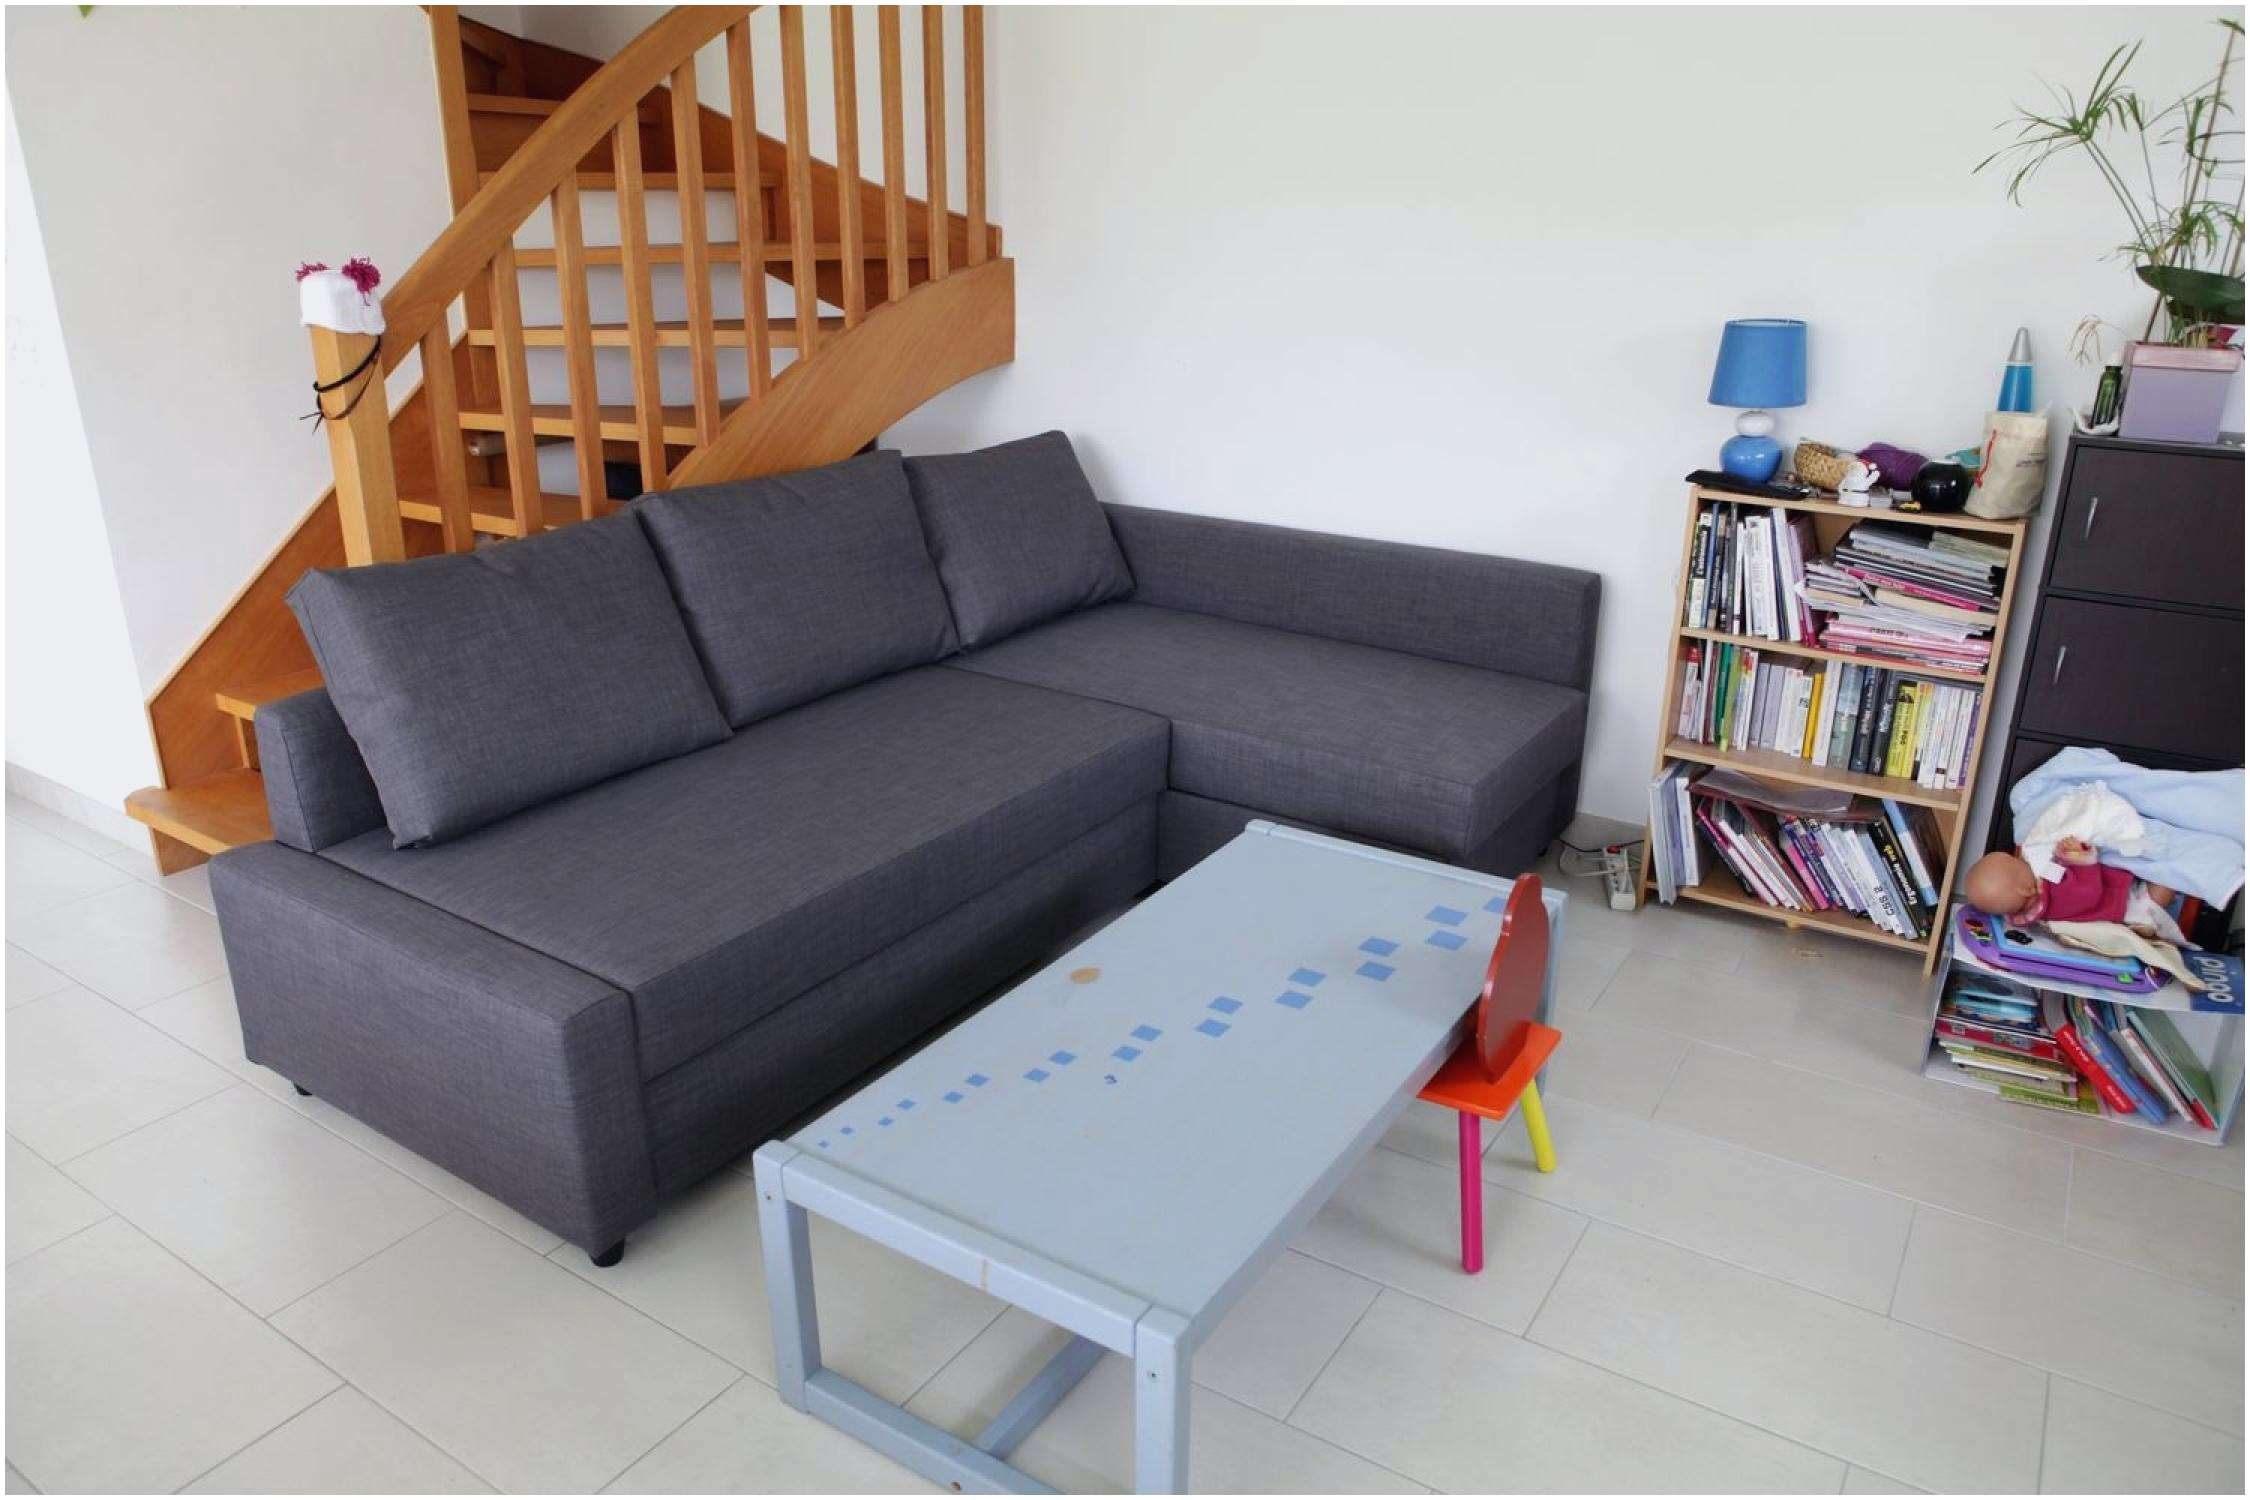 Lit D Enfant Ikea Agréable 66 Futon Enfant Concept Jongor4hire